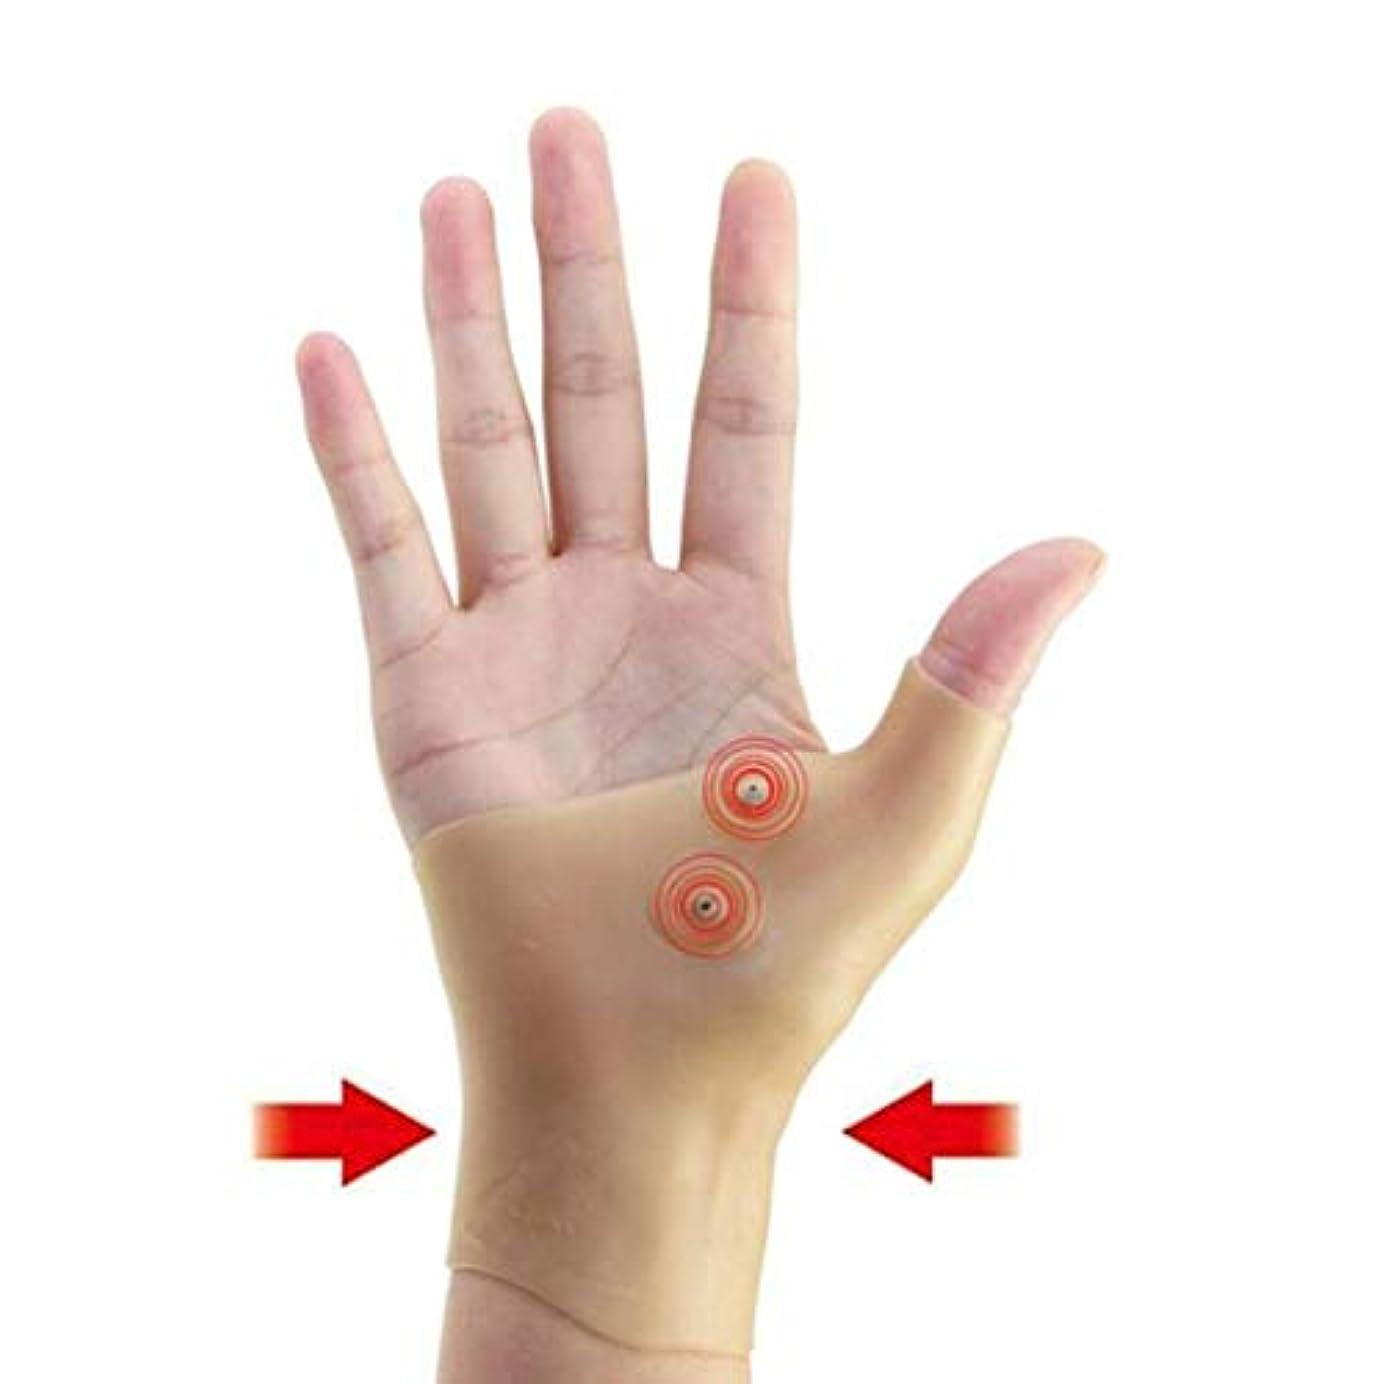 平方運営チャーミング磁気療法手首手親指サポート手袋シリコーンゲル関節炎圧力矯正器マッサージ痛み緩和手袋 - 肌の色